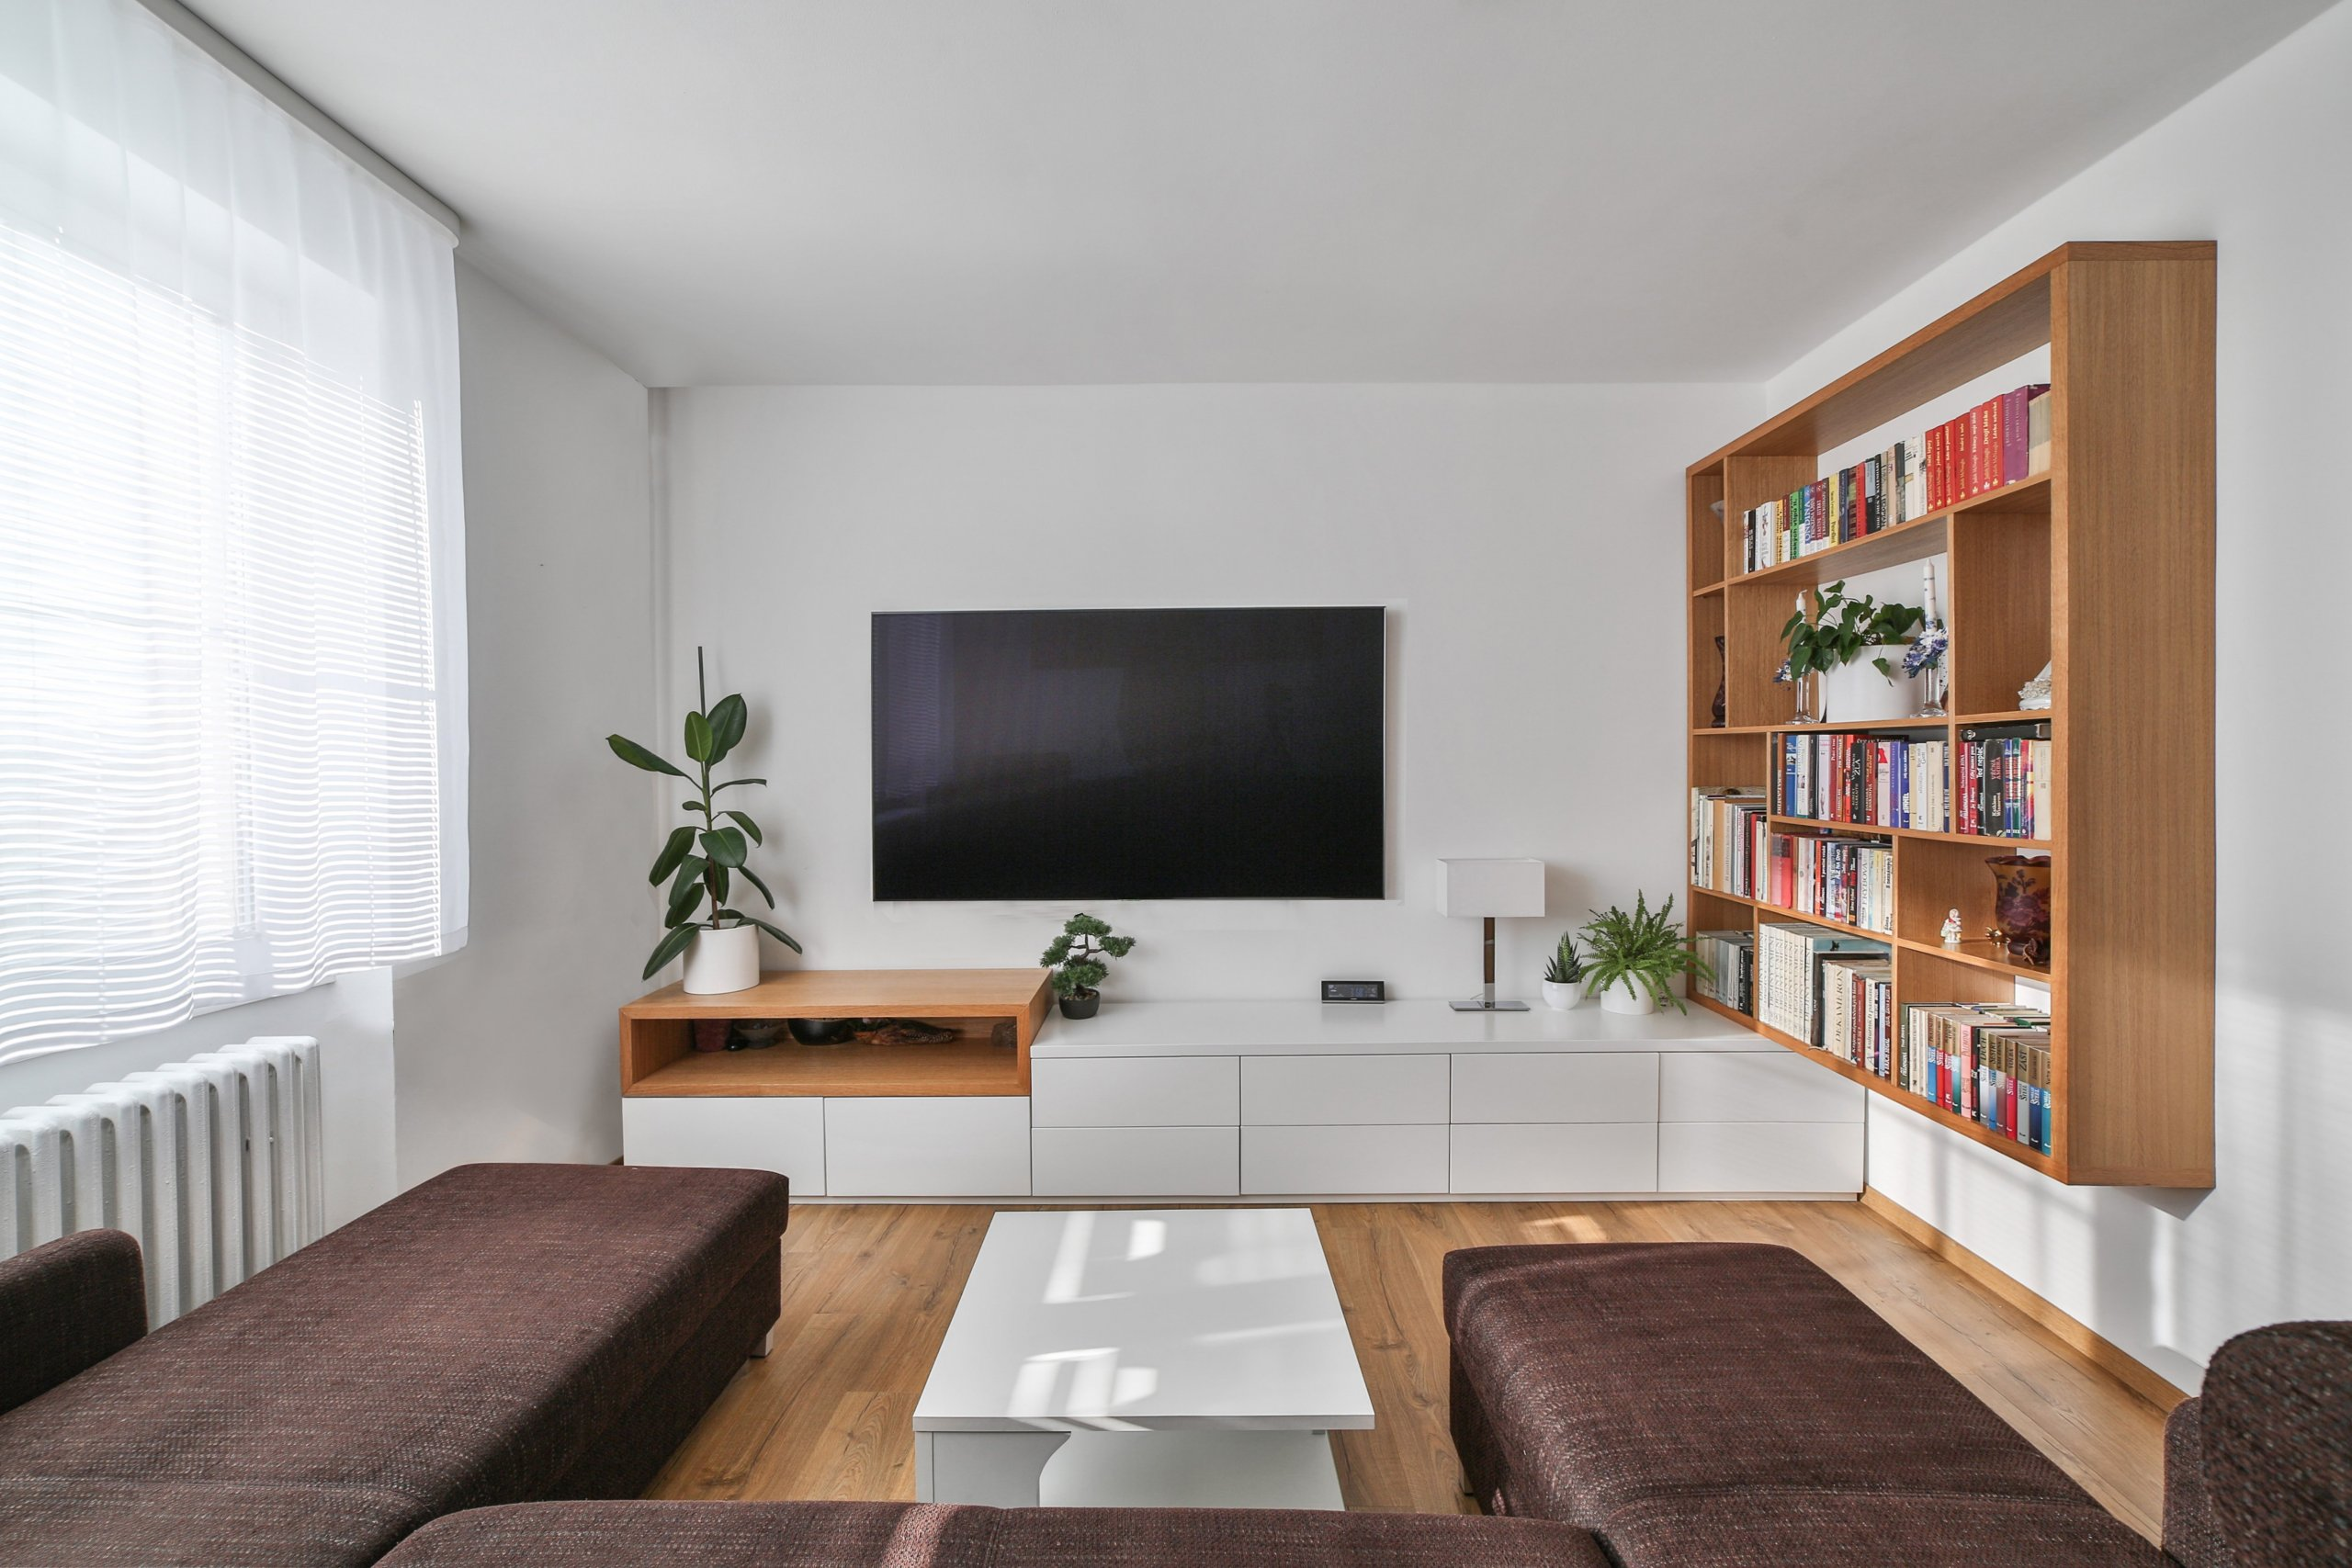 Interiér přízemí rodinného domku v Modřanech. Starší pár chtěl zrekonstruovat část domku, kde dlouho bydlela jejich babička. Obývací pokoj a kuchyň jsme…